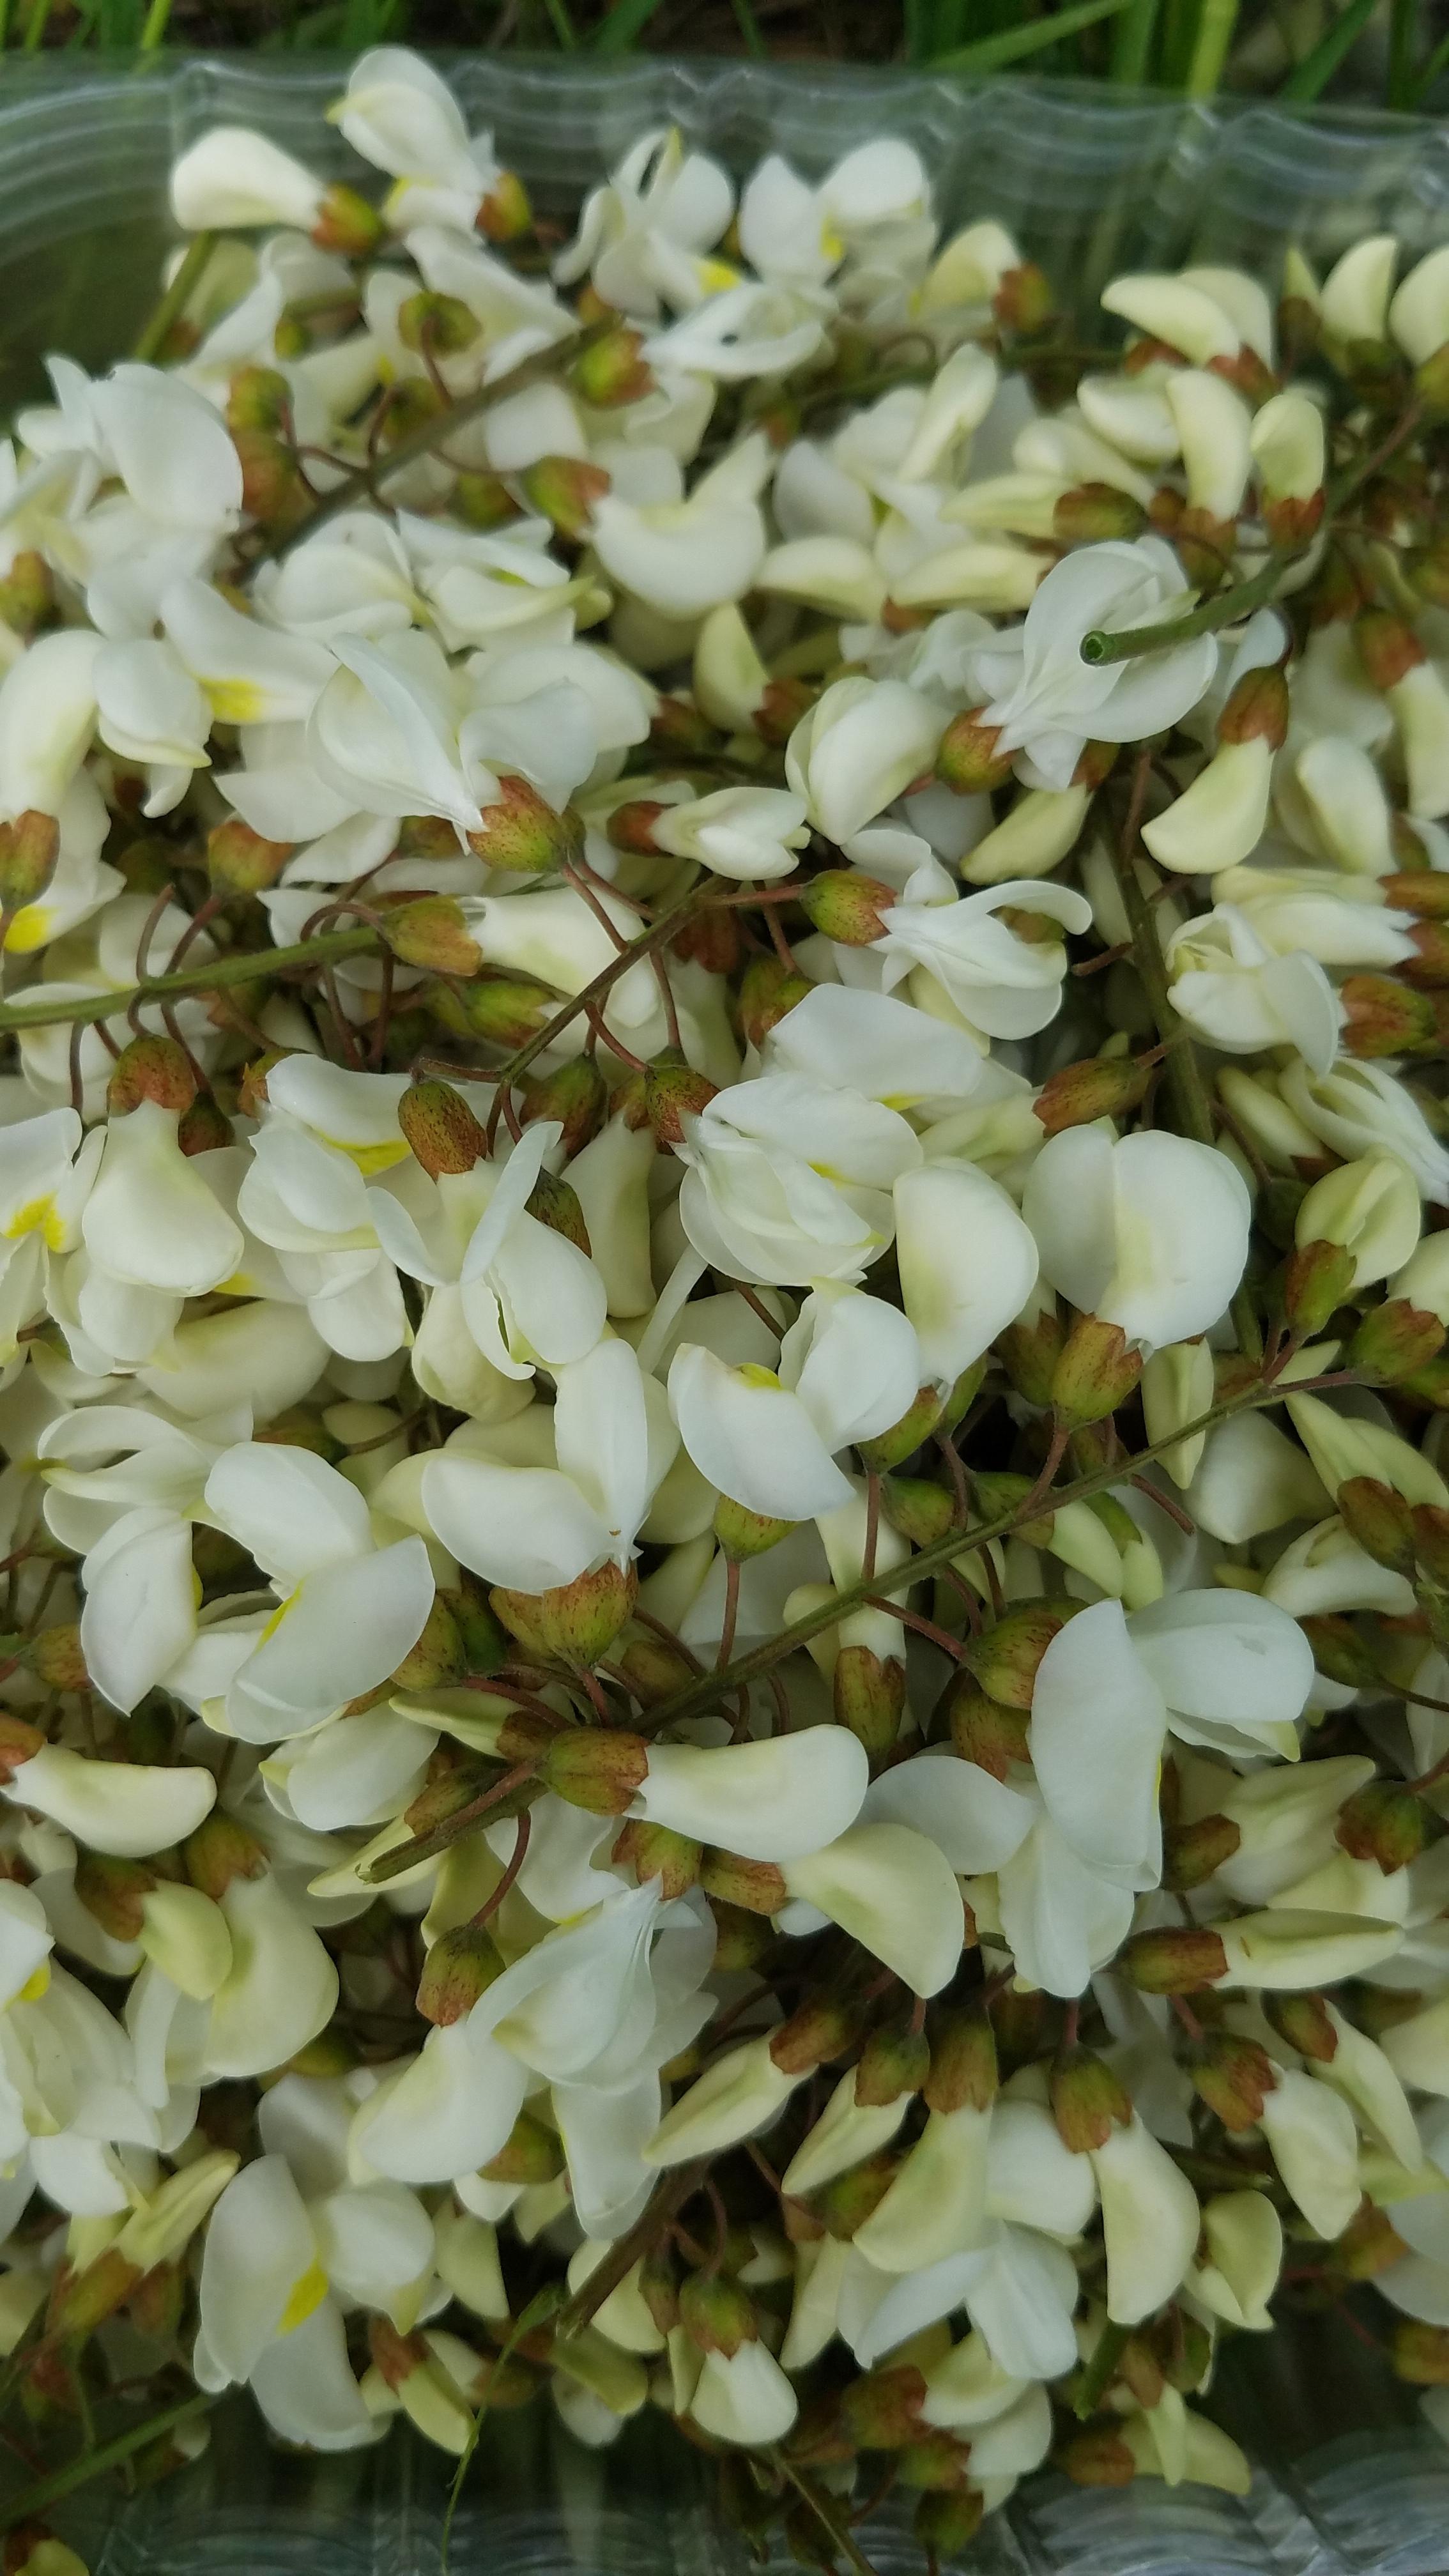 Black Locust Flowers